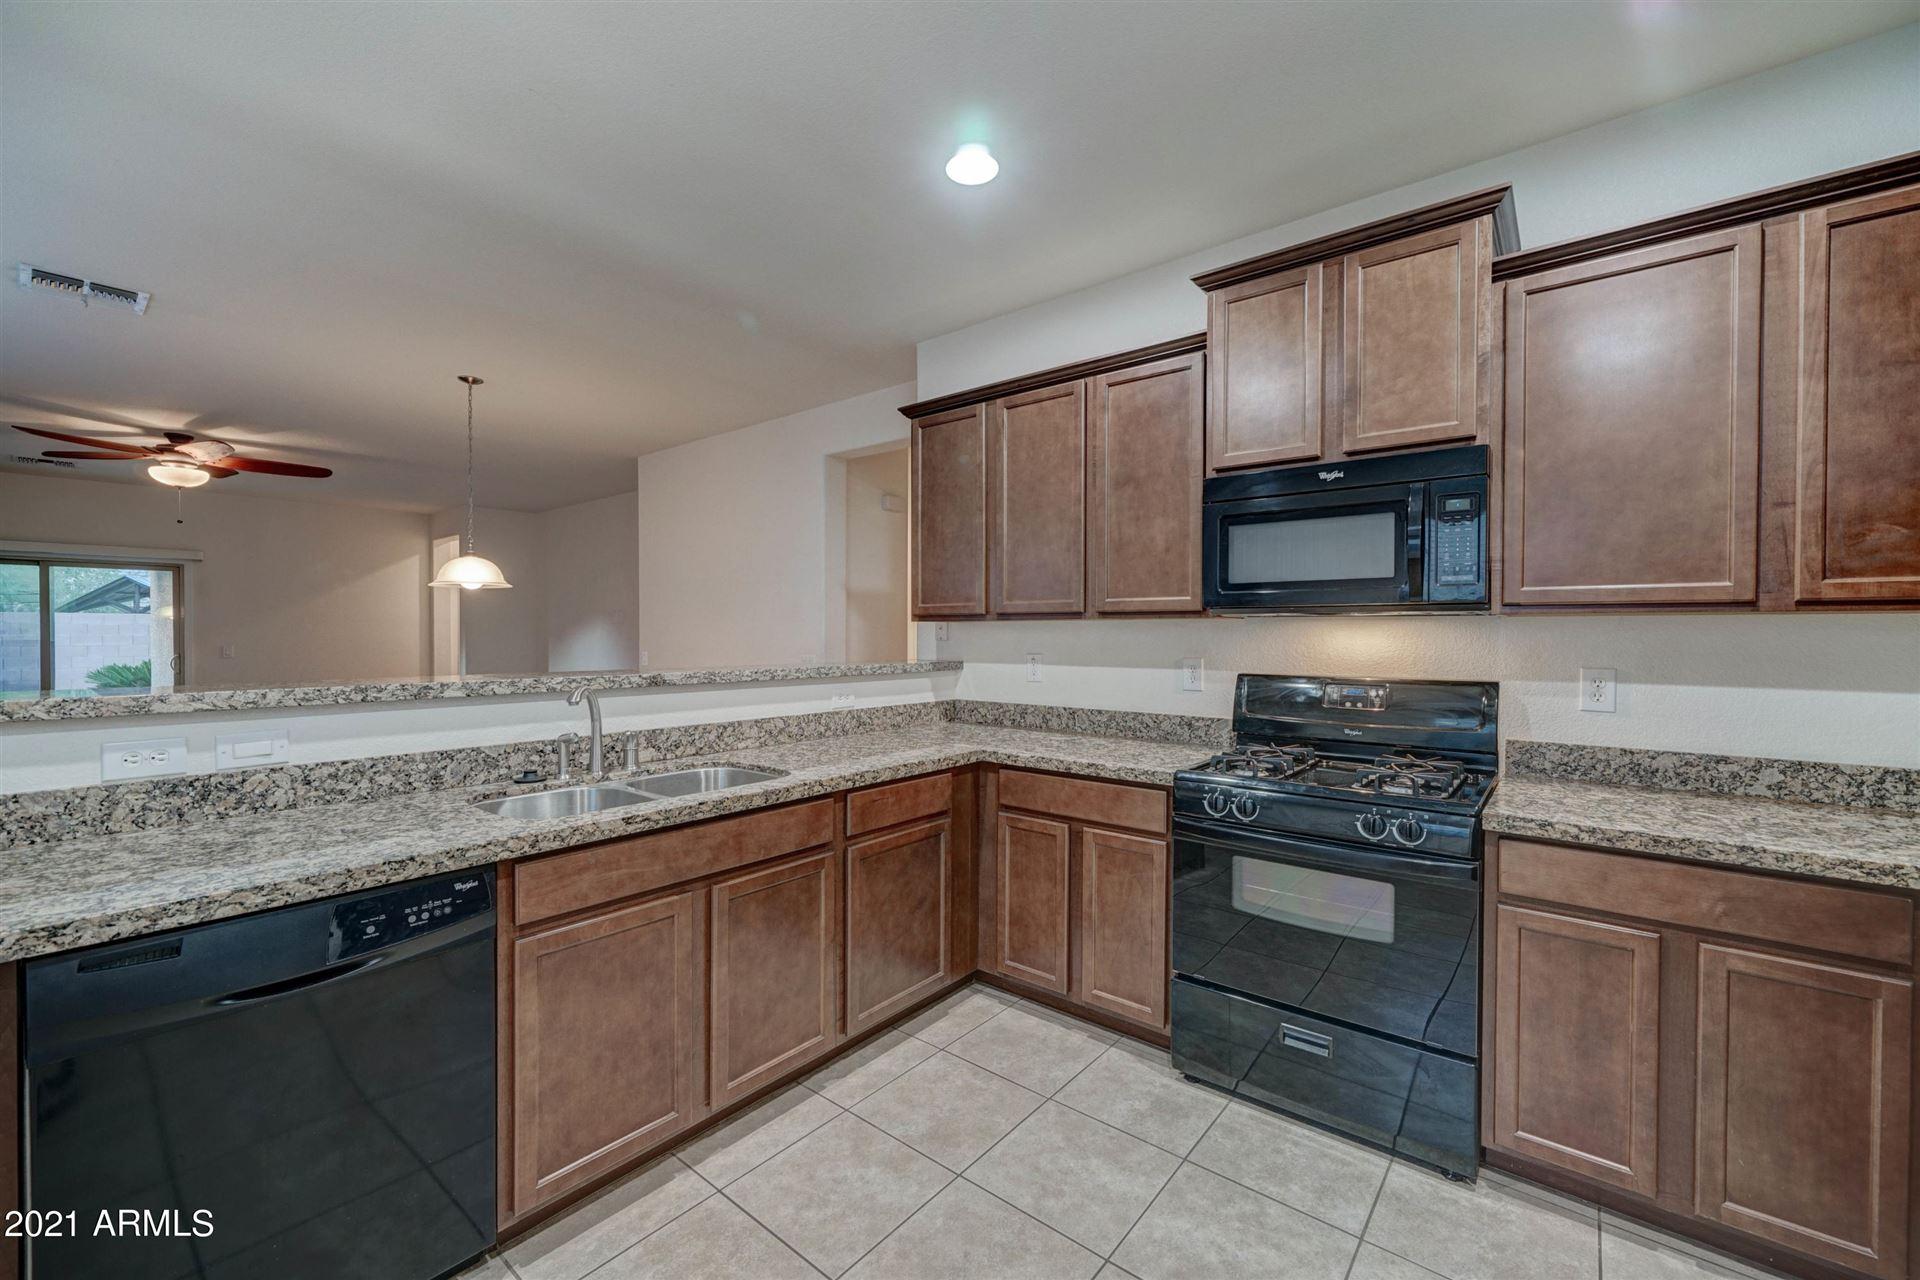 Photo of 4582 W CRESCENT Road, Queen Creek, AZ 85142 (MLS # 6249733)